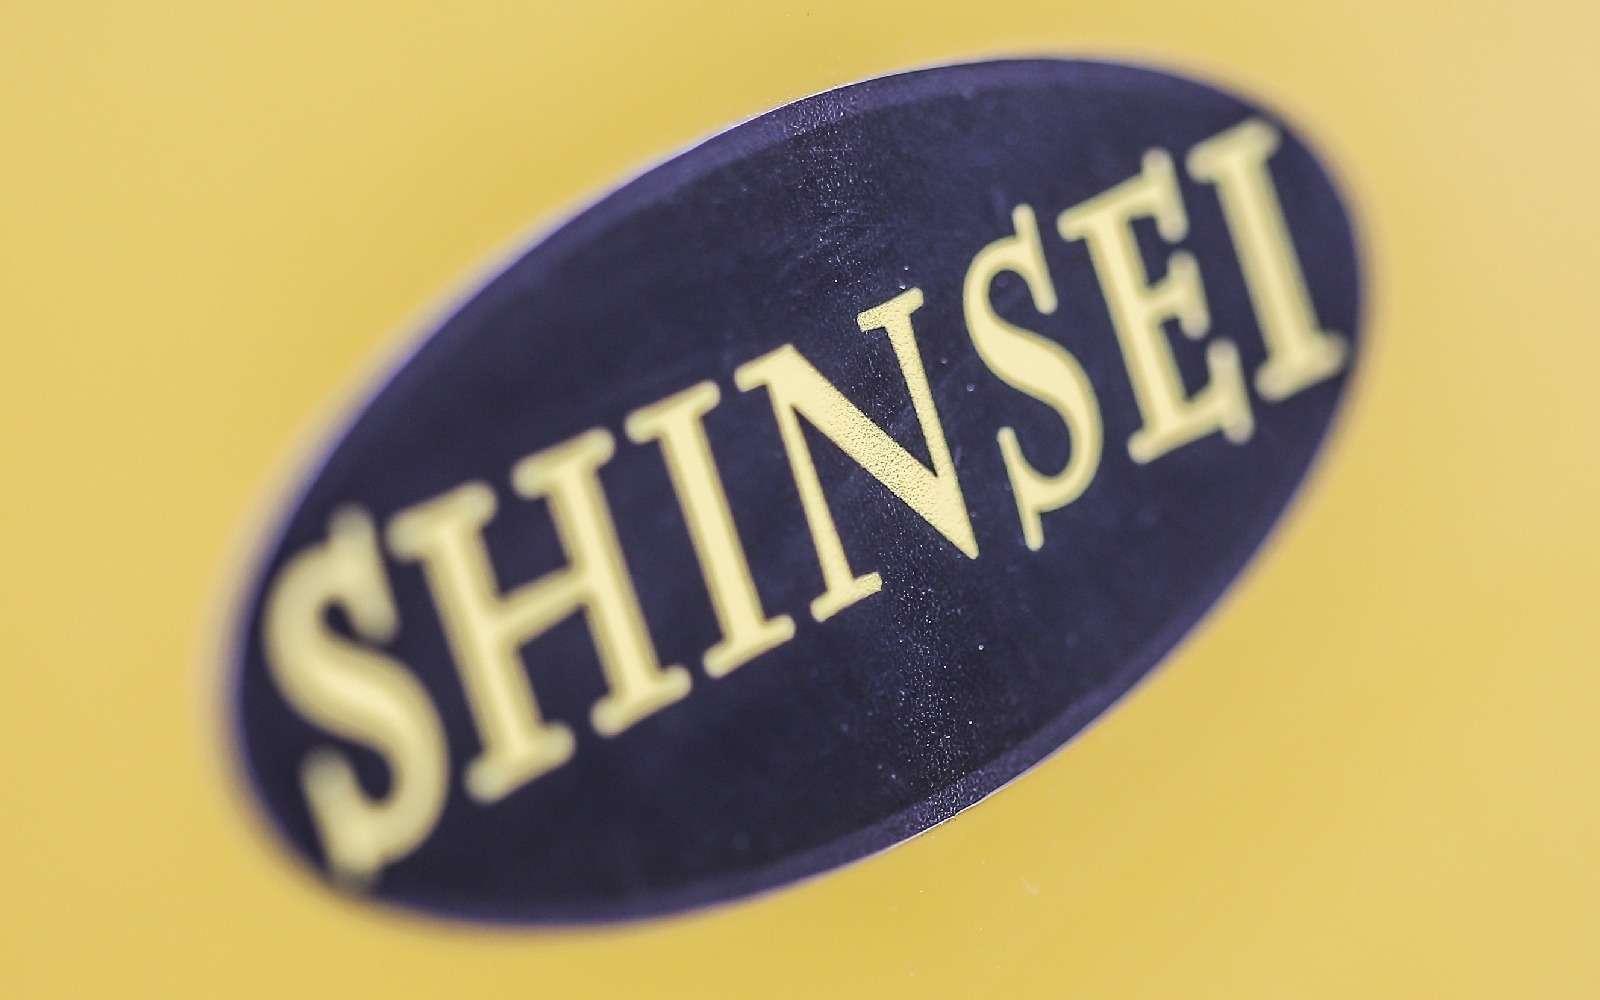 Святая простота: вышла спецверсия вседорожника Suzuki Jimny— фото 650244